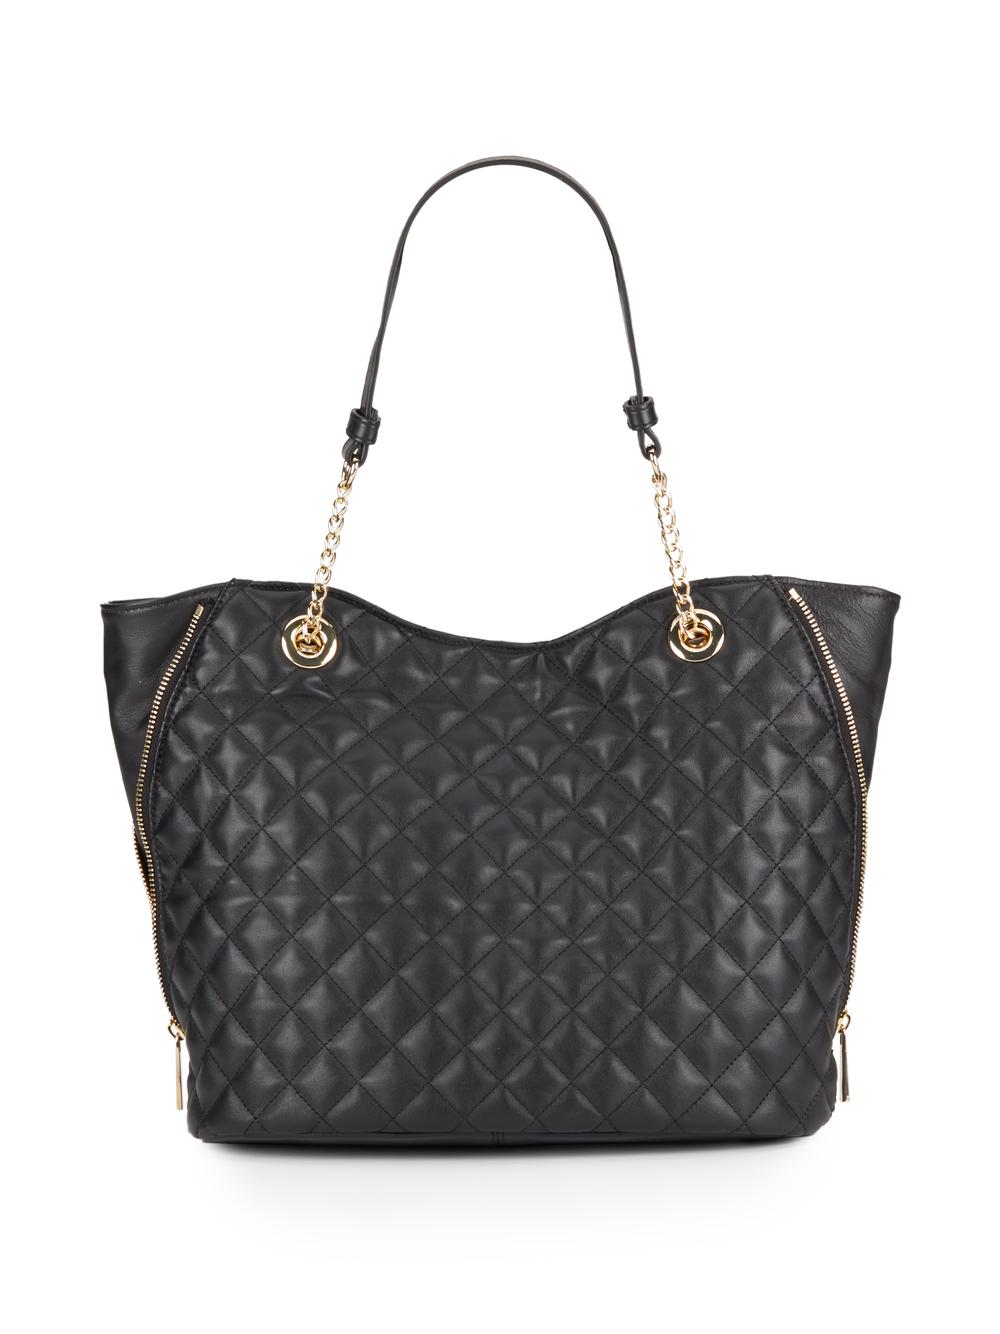 Handbags-042.JPG